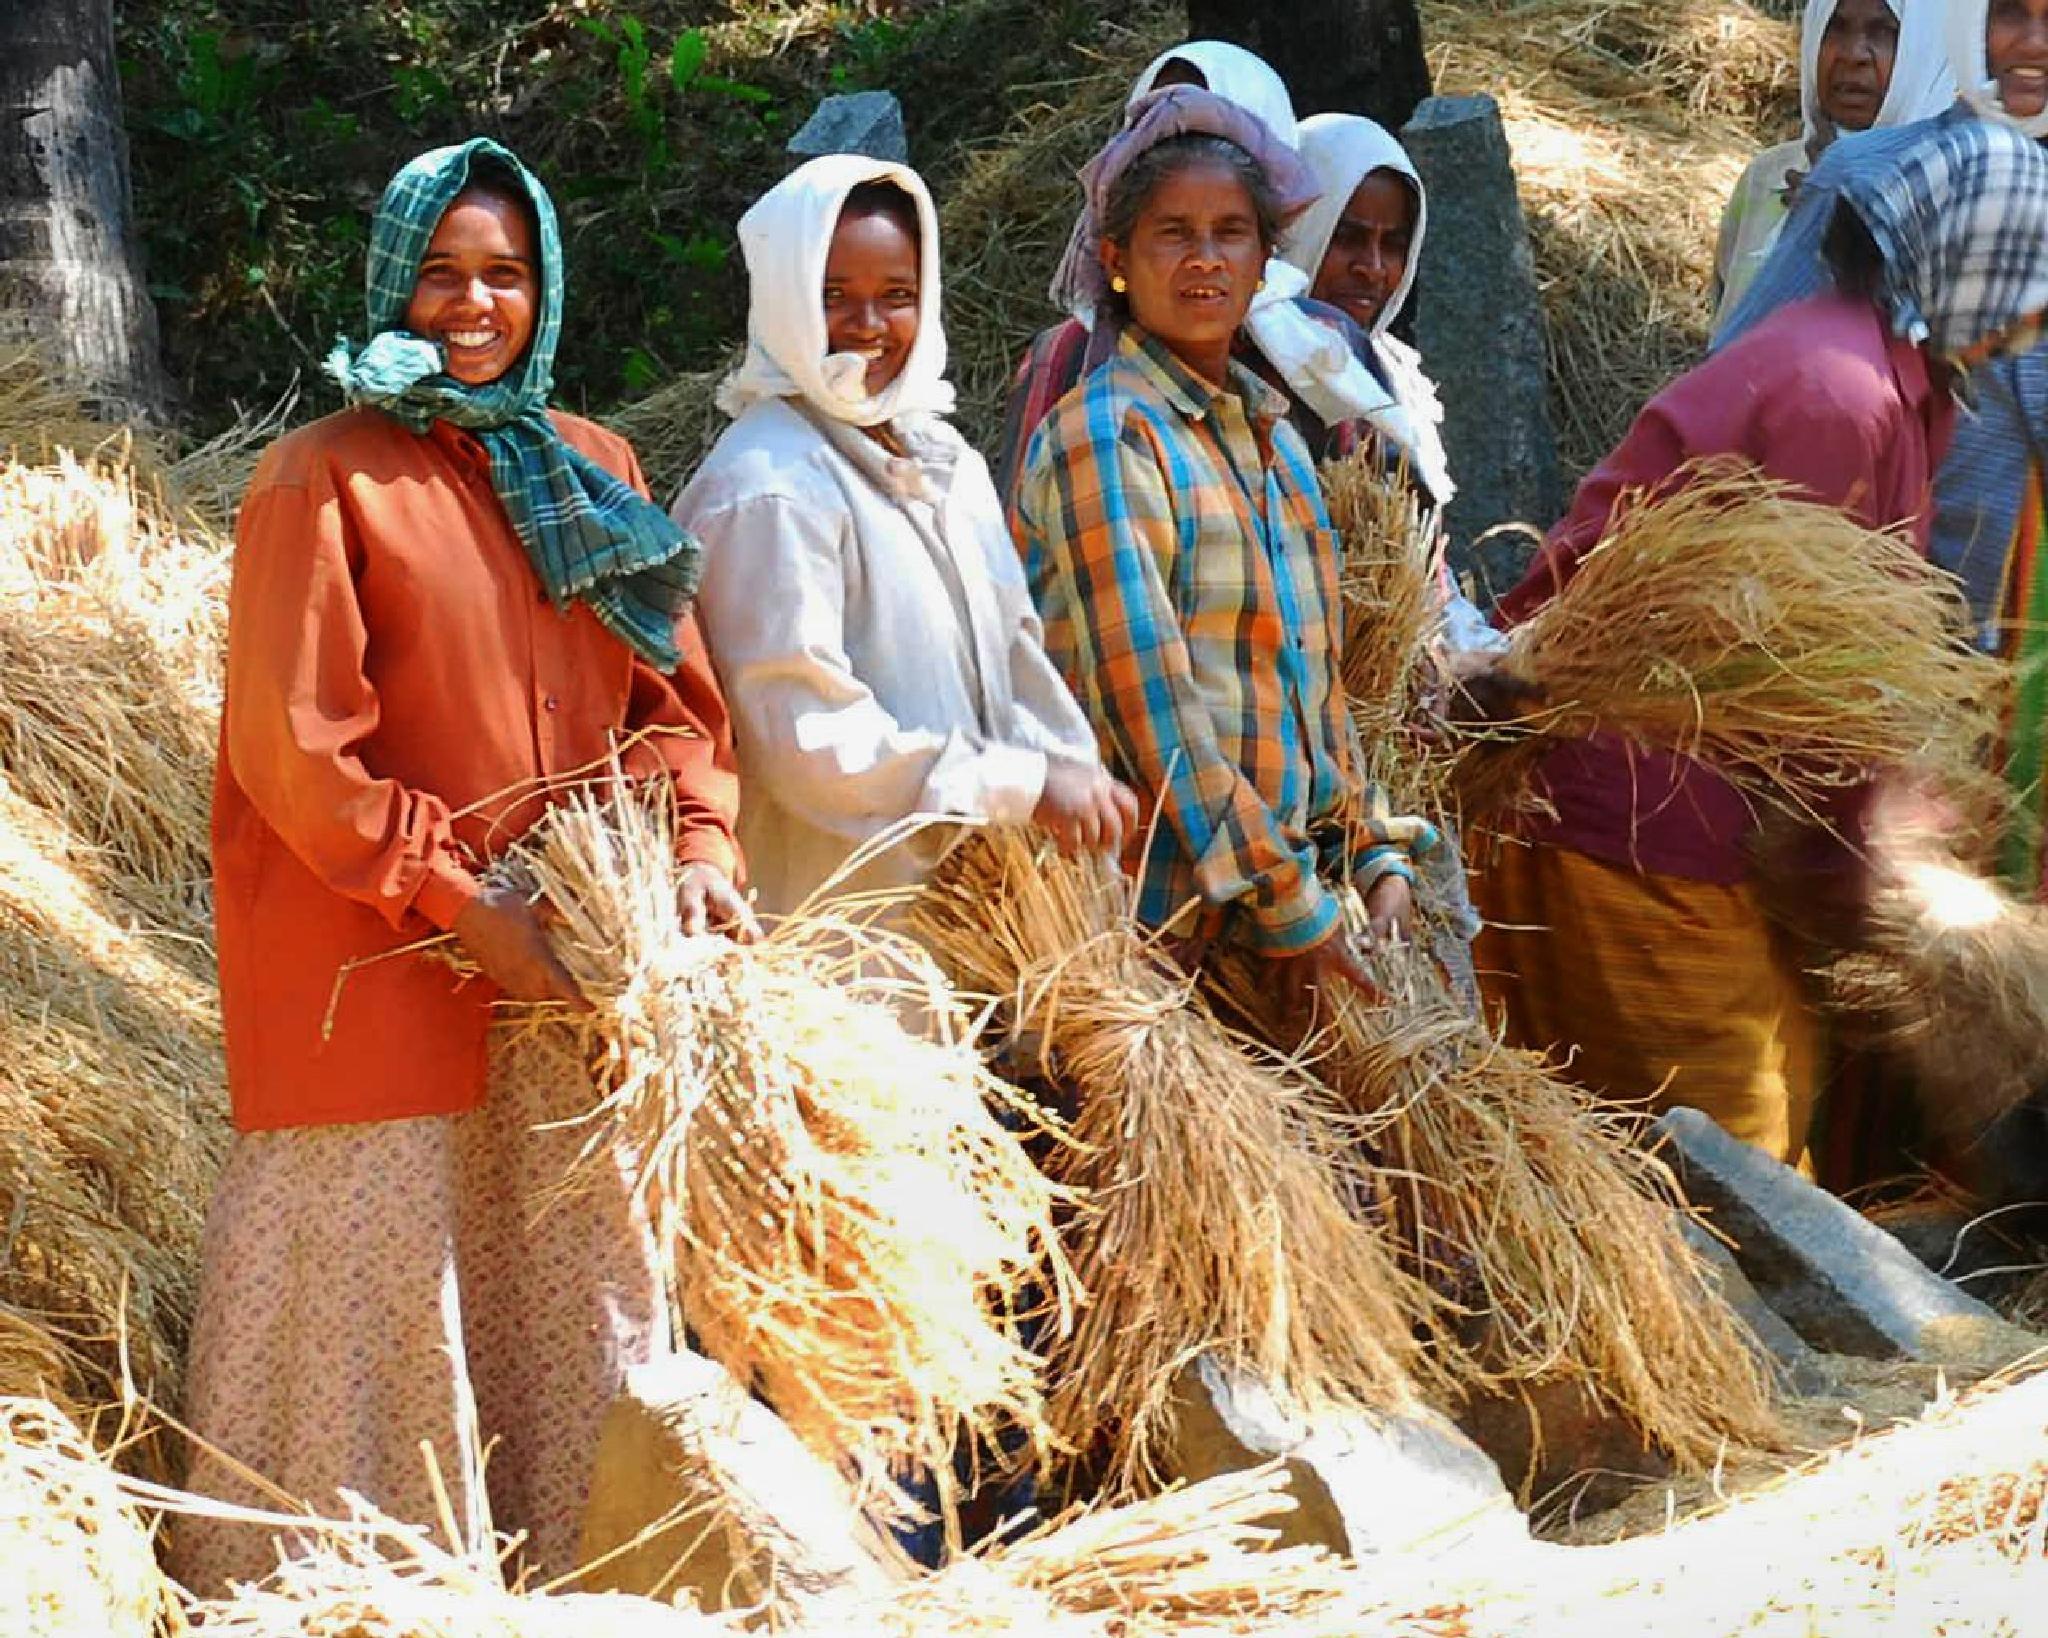 Busy Farmhands by Rauf